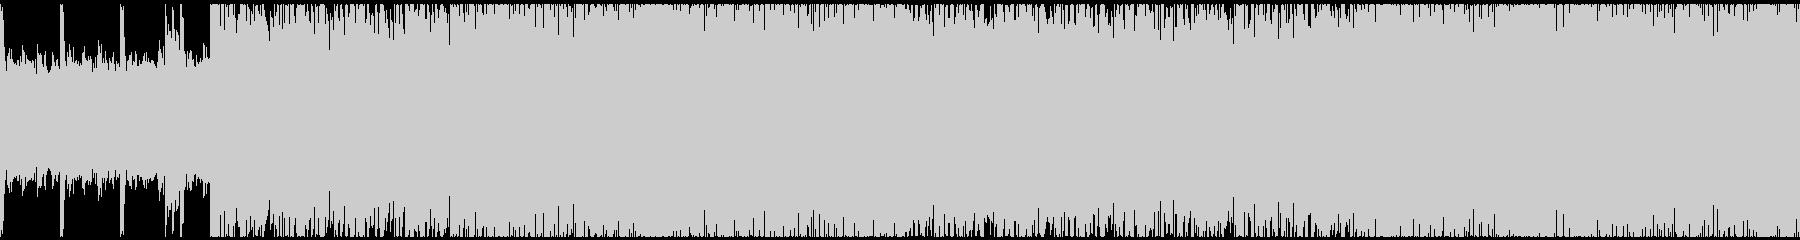 ヘヴィーなギターのループインストの未再生の波形